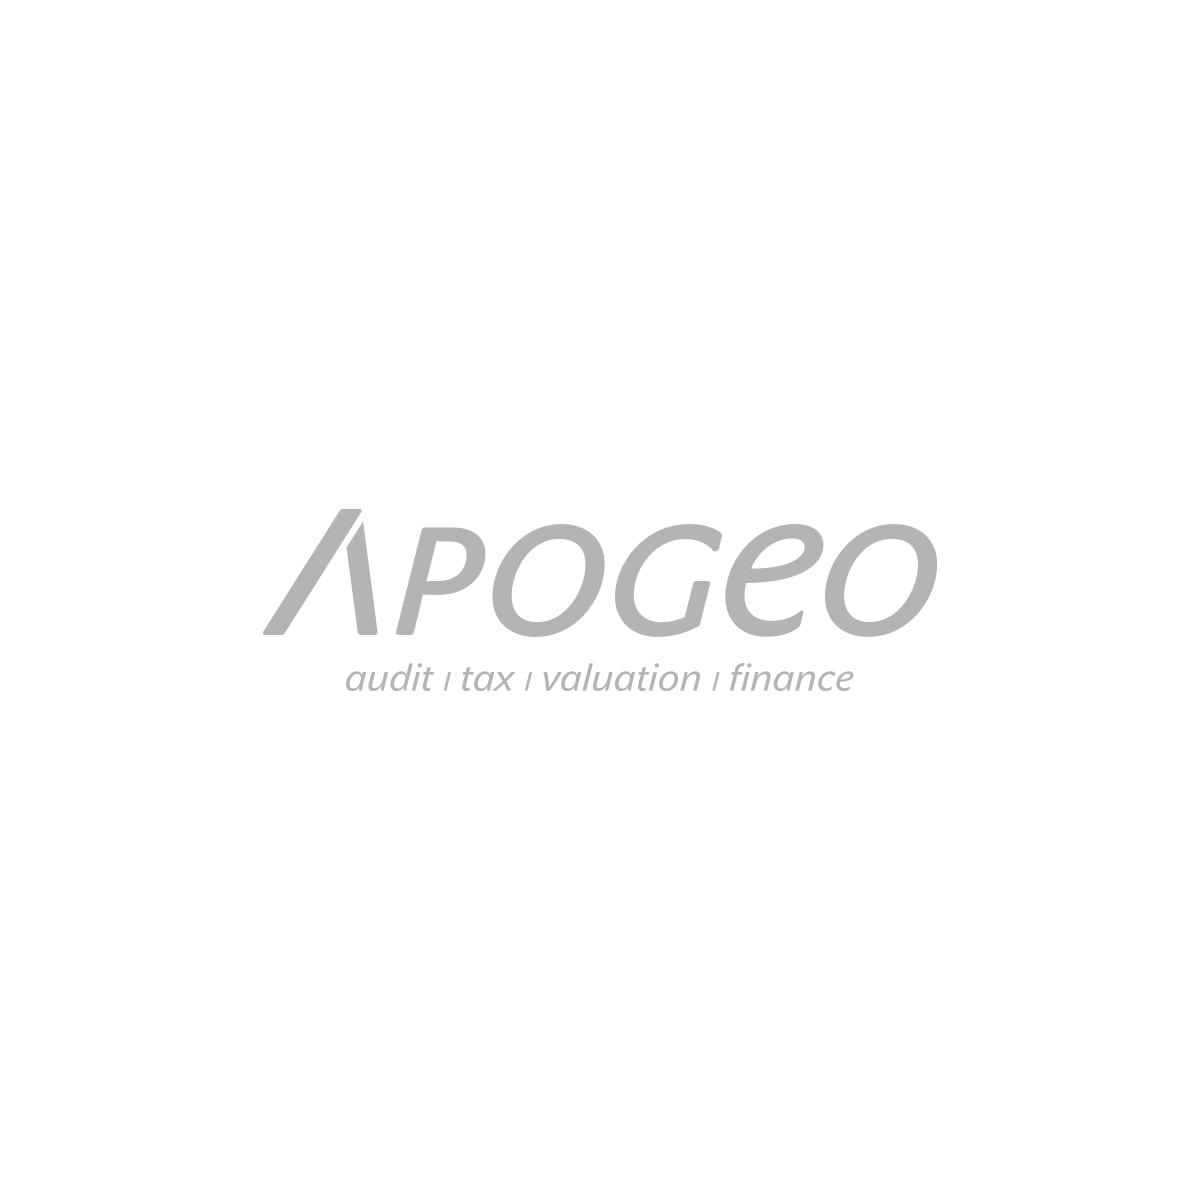 [klienti/Apogeo.png]